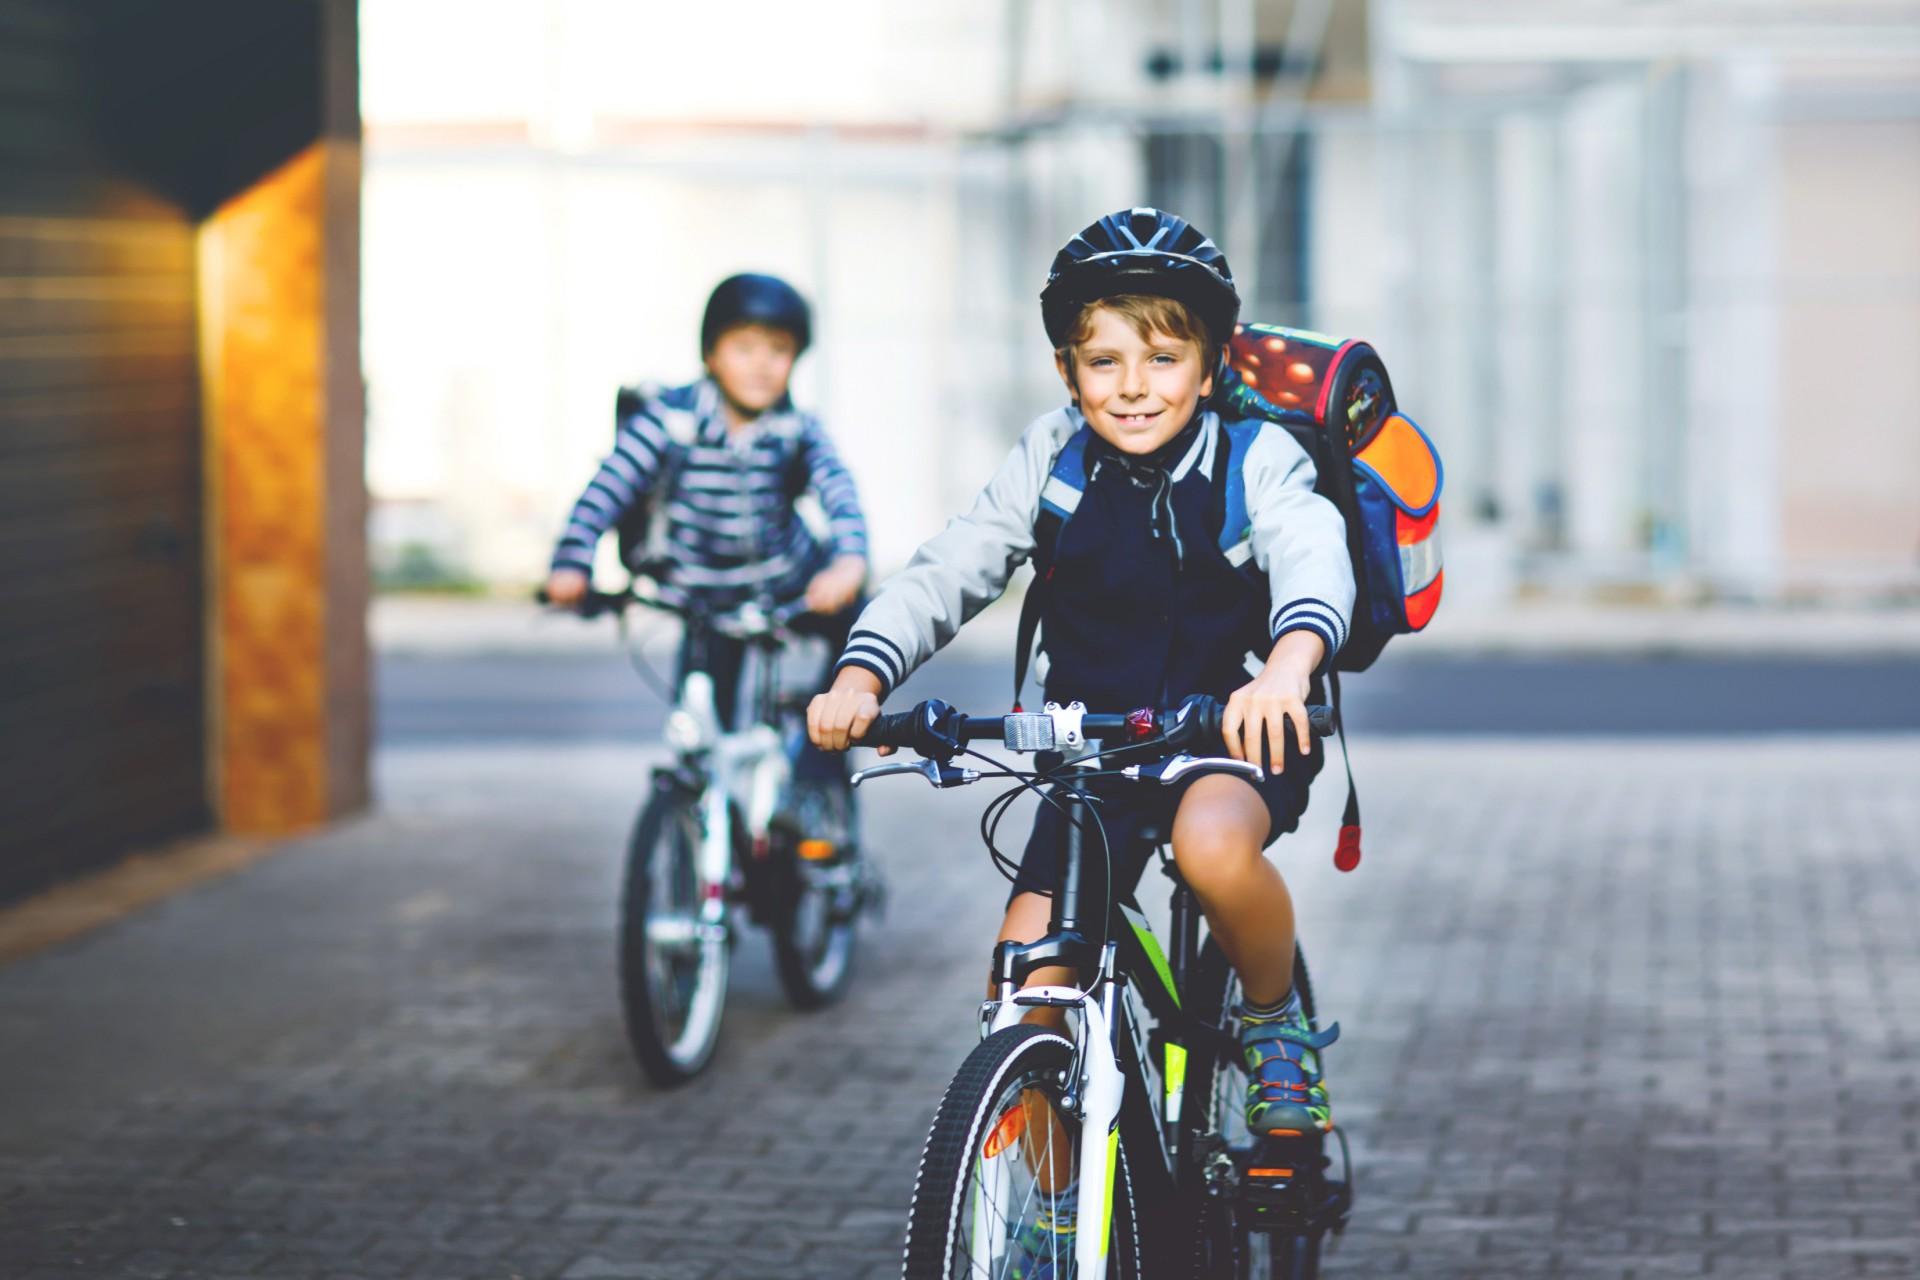 Schuljunge auf Fahrrad